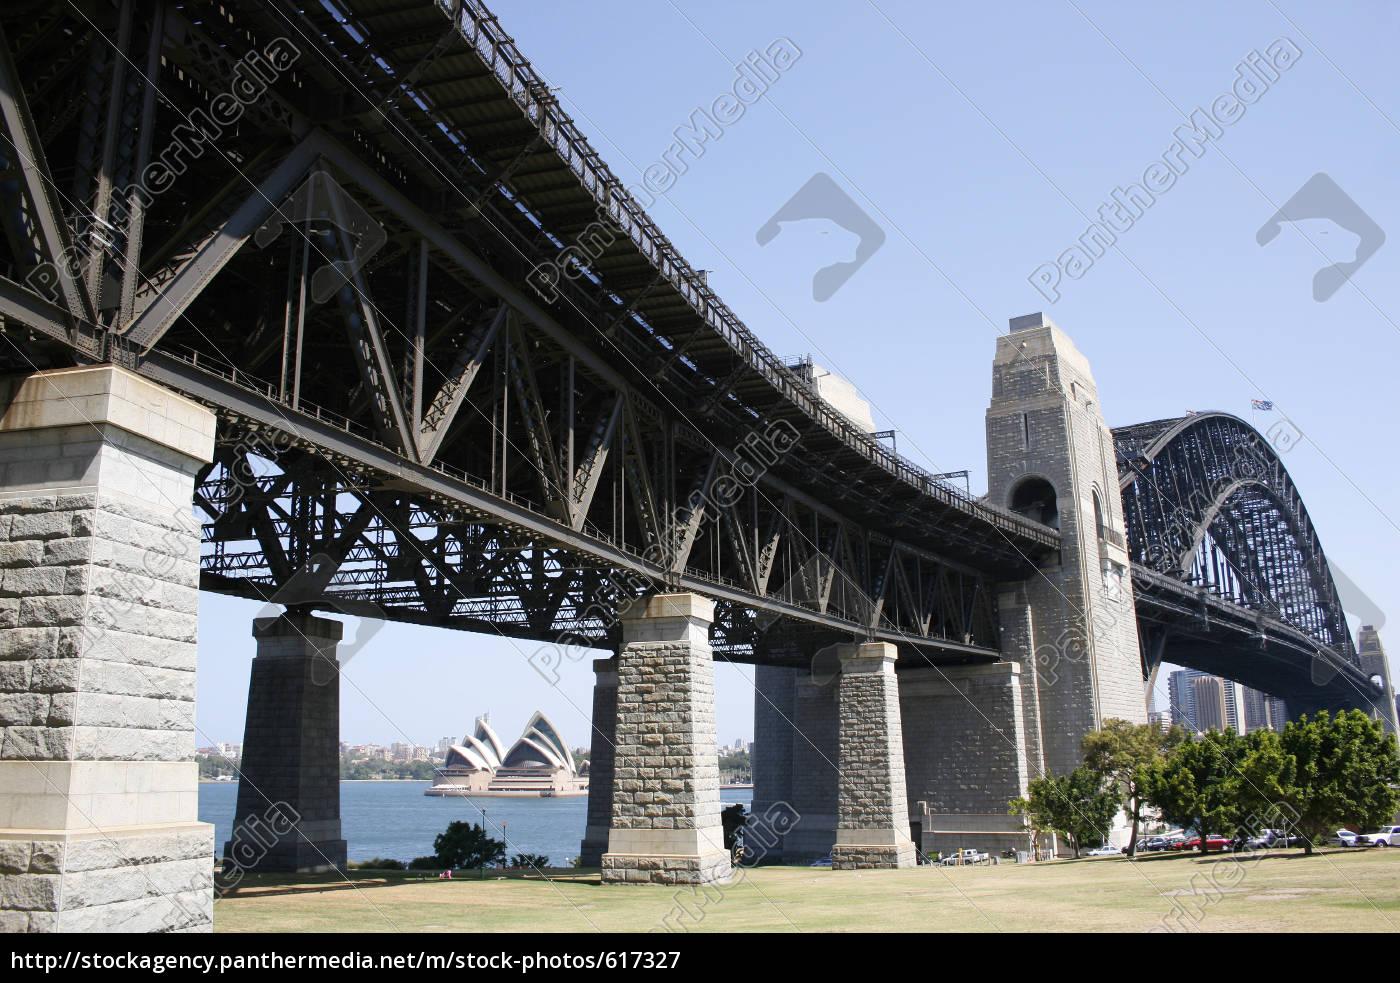 bridge, to, sydney - 617327